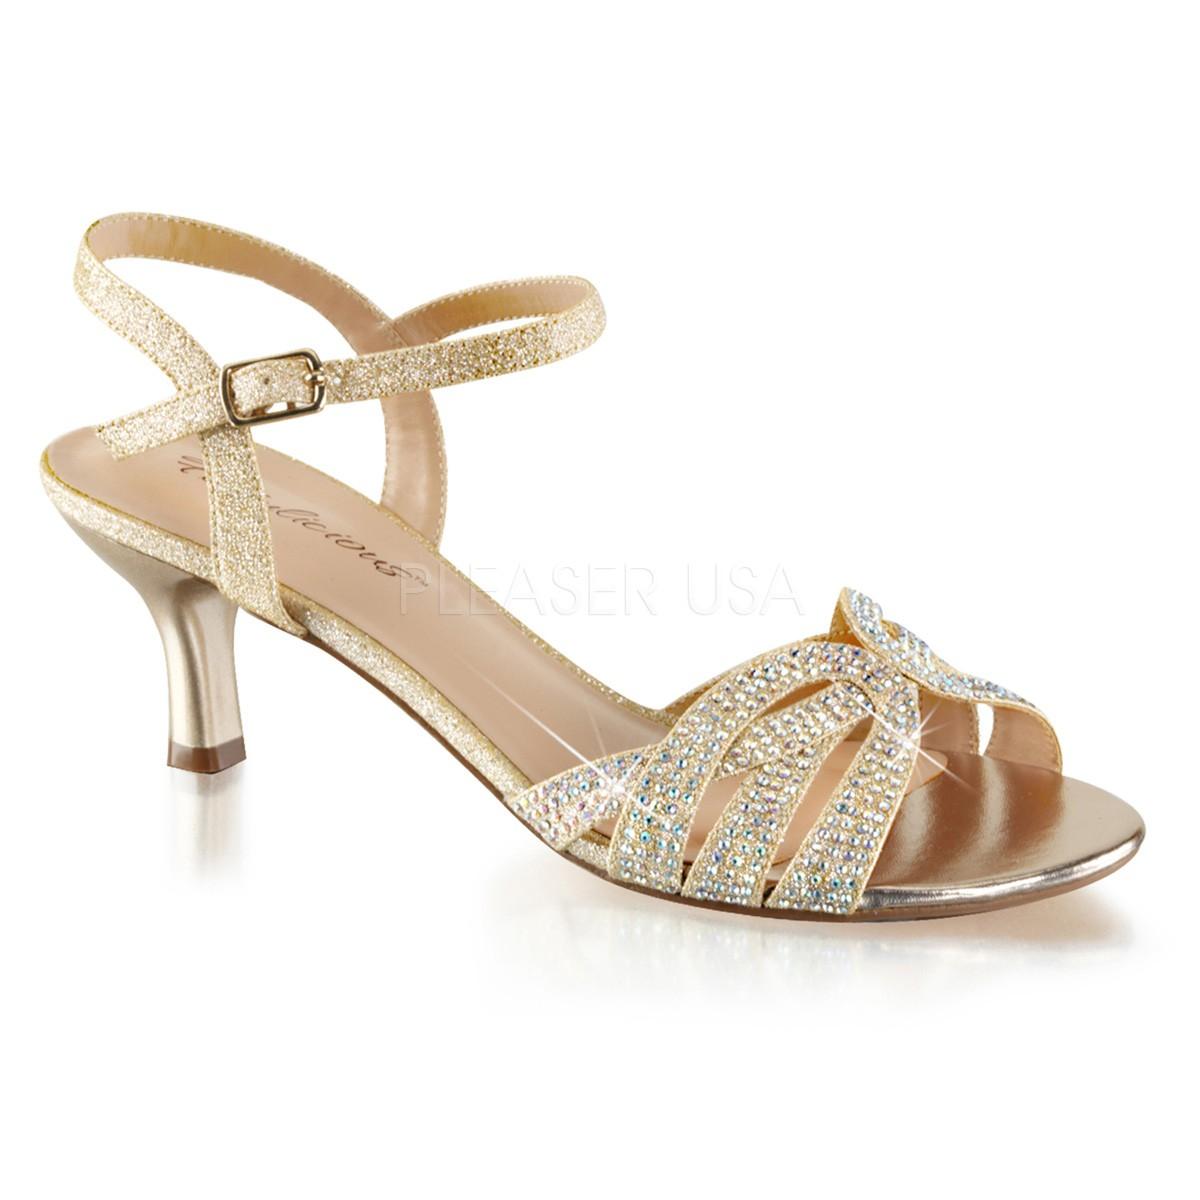 Nu-pieds à strass dorés - Pointure : 38